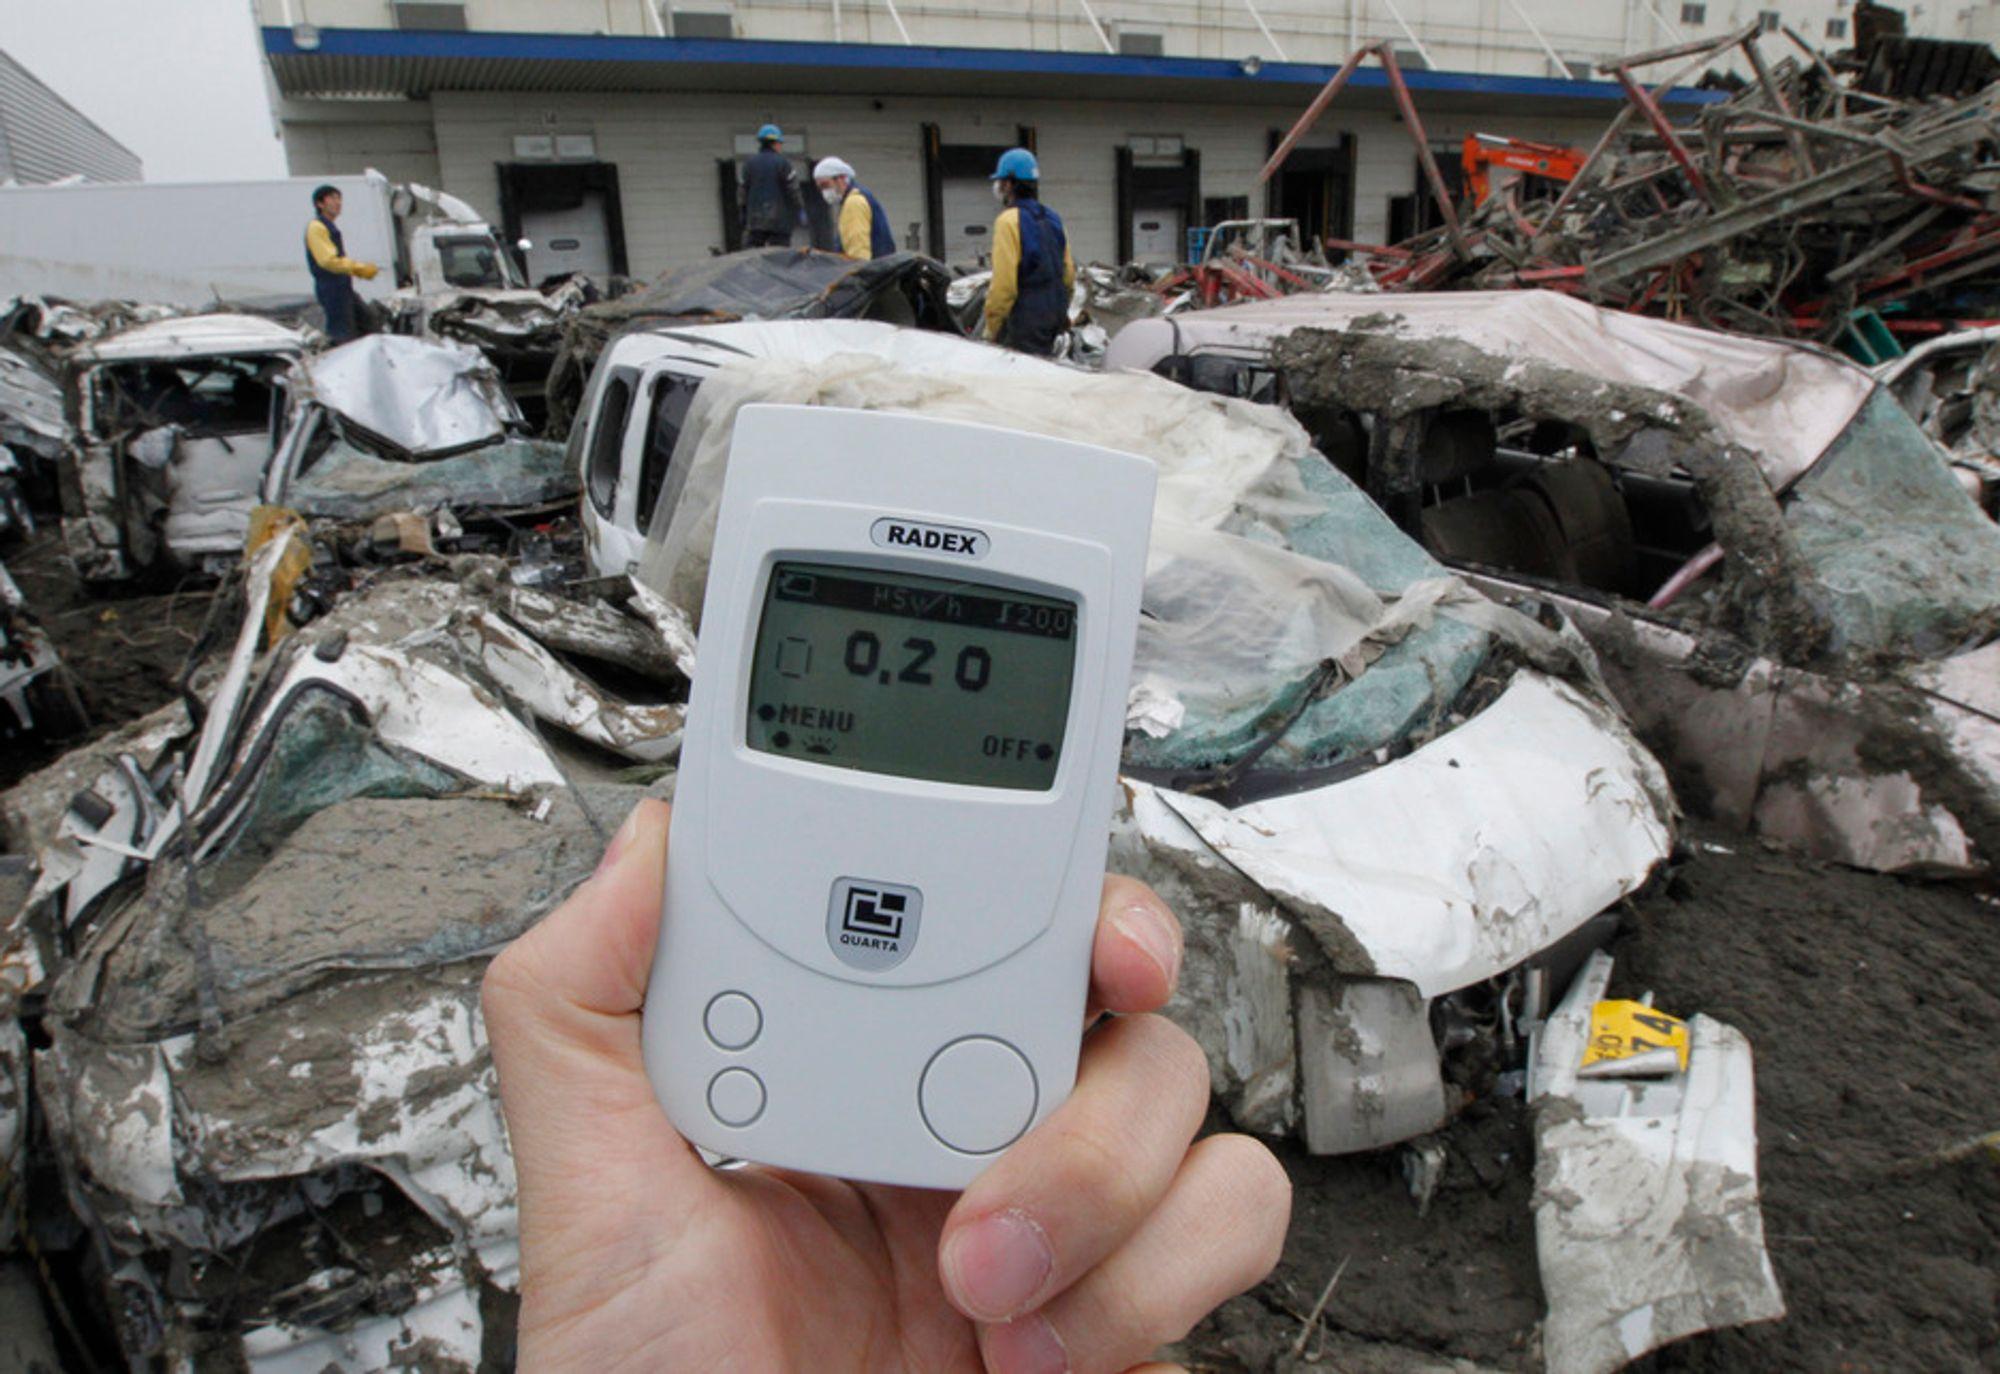 MÅLER SIEVERT: En fotograf fra Reuters måler radioaktiv stråling i Sendai nord i Japan. Måleren viser 0,2 mikrosievert per time, som tilsvarer 4,5 mikrosievert per dag eller 1752 mikrosievert (1,752 millisievert) ved et varig strålingsnivå på ett år. Strålingsnivået i Tokyo er ikke veldig høyt, men det ligger over nivåene i Oslo.